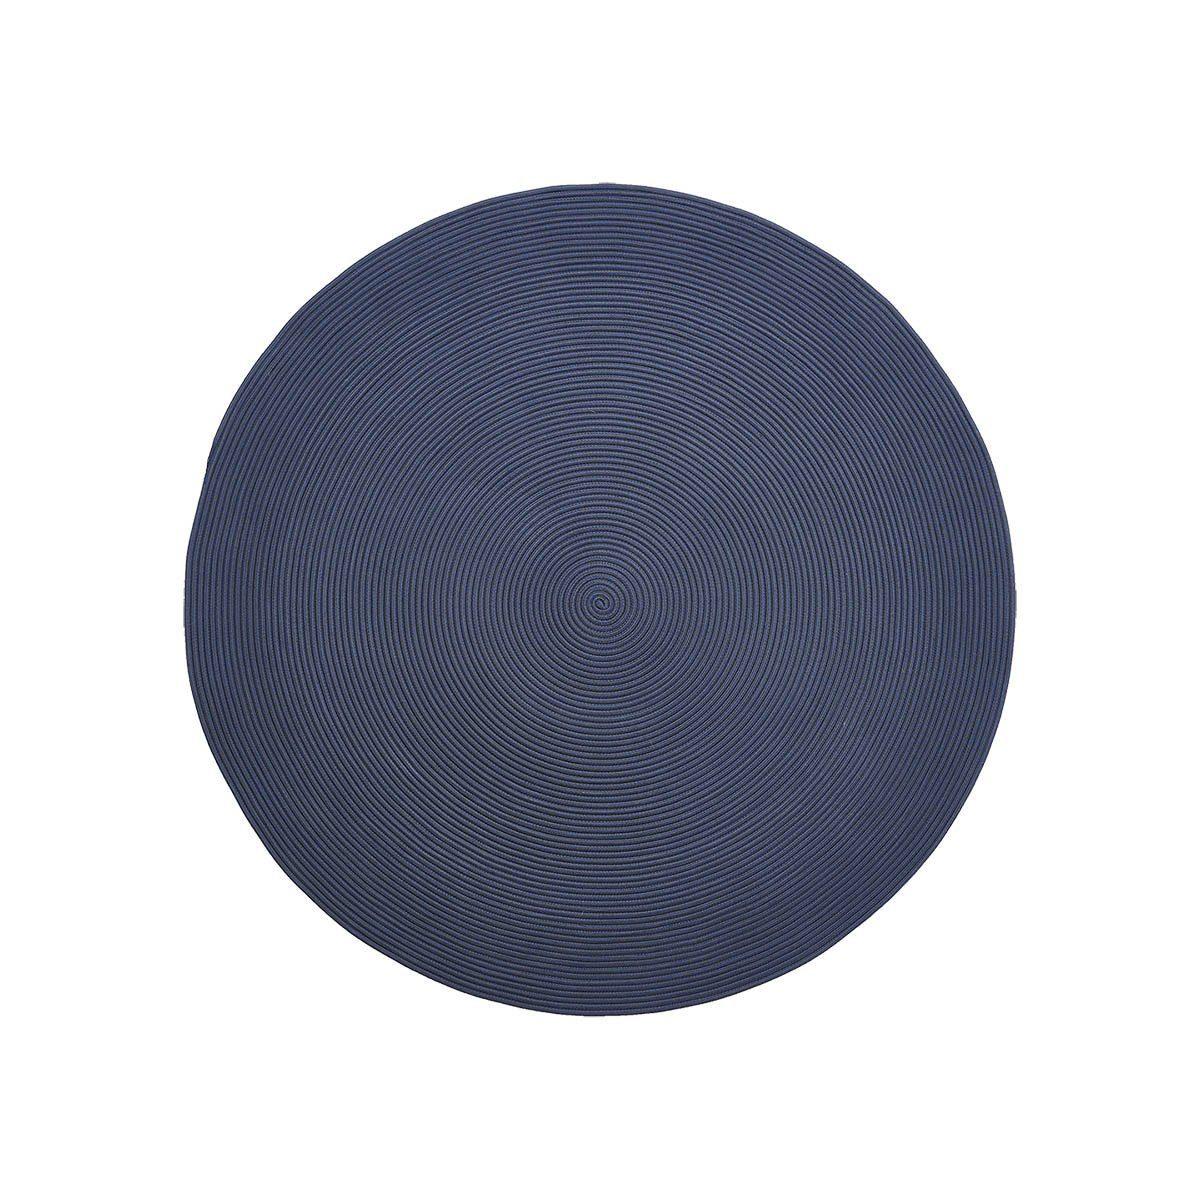 Infinity matta i blått från Cane-line.